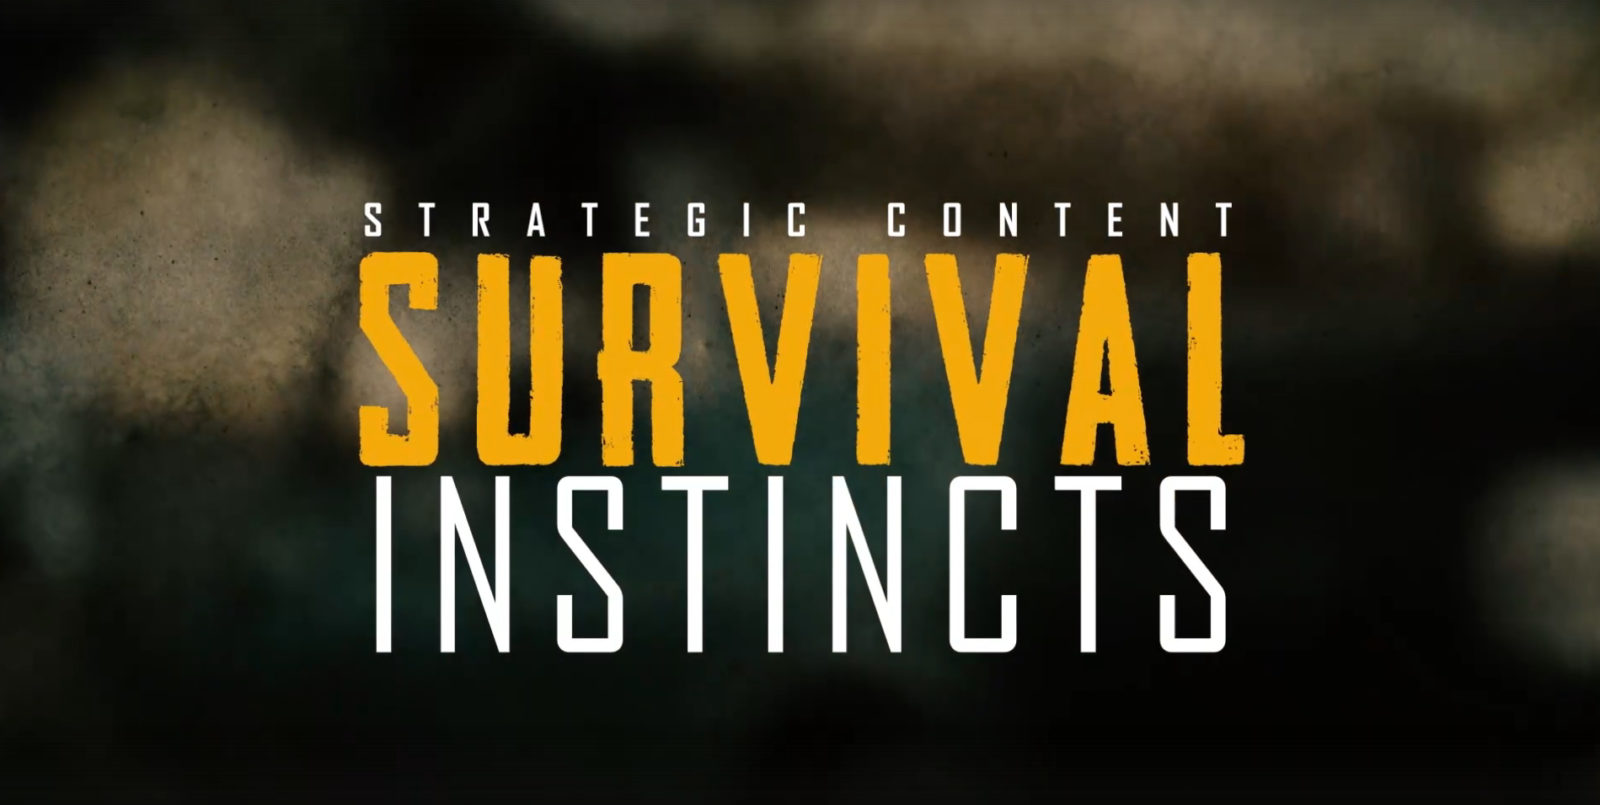 В новой серии Инстинкты выживания вы узнаете как правильно приземлиться в горячей точке